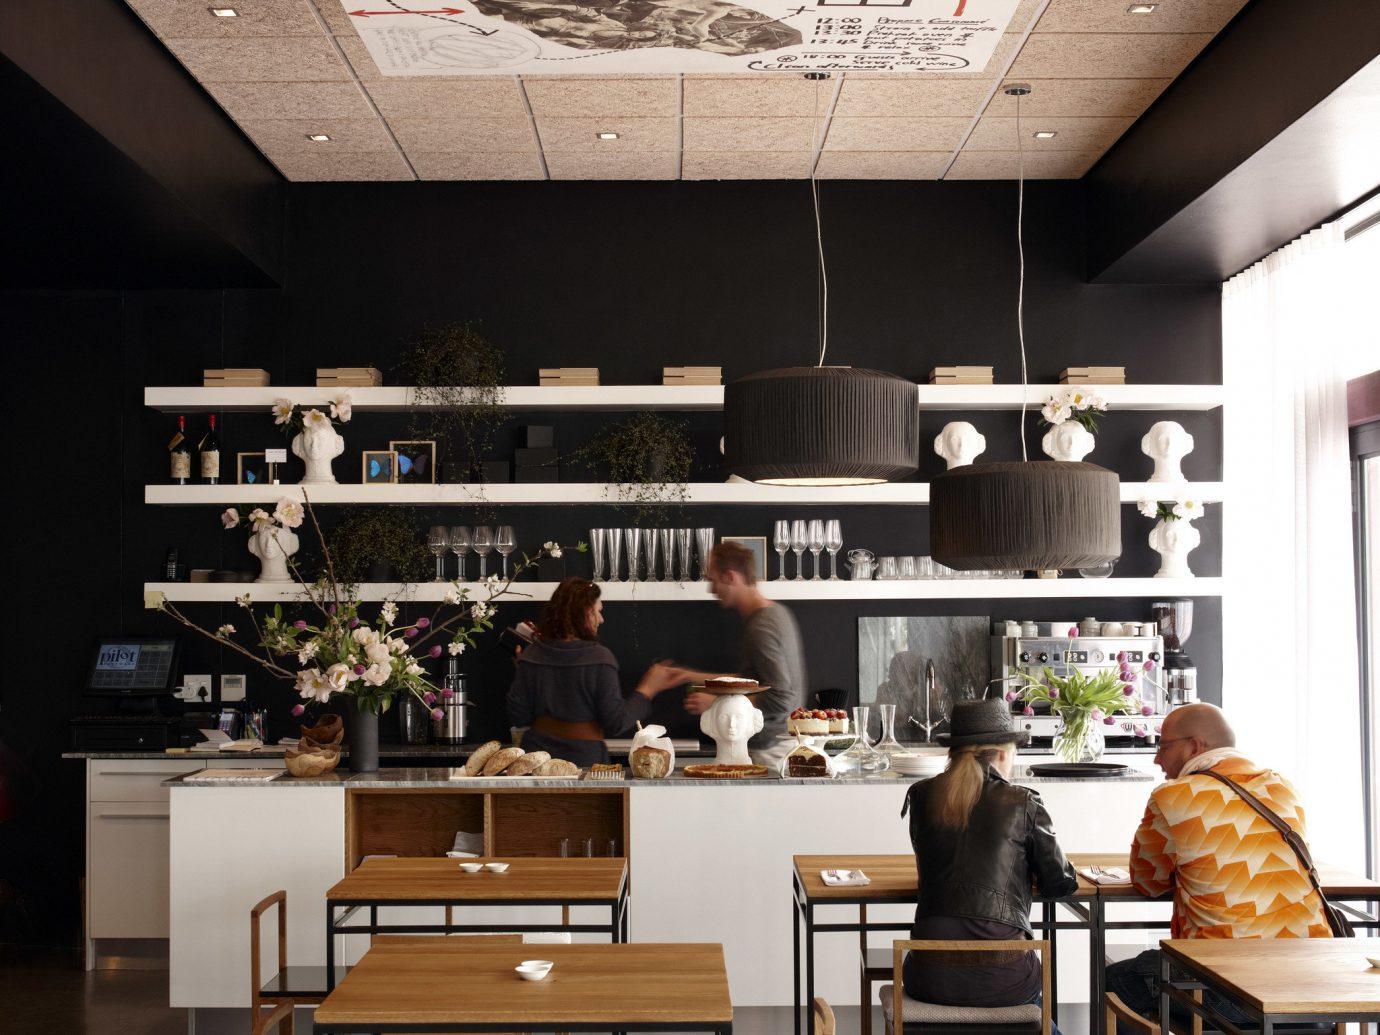 Food + Drink indoor floor wall interior design Design restaurant window covering